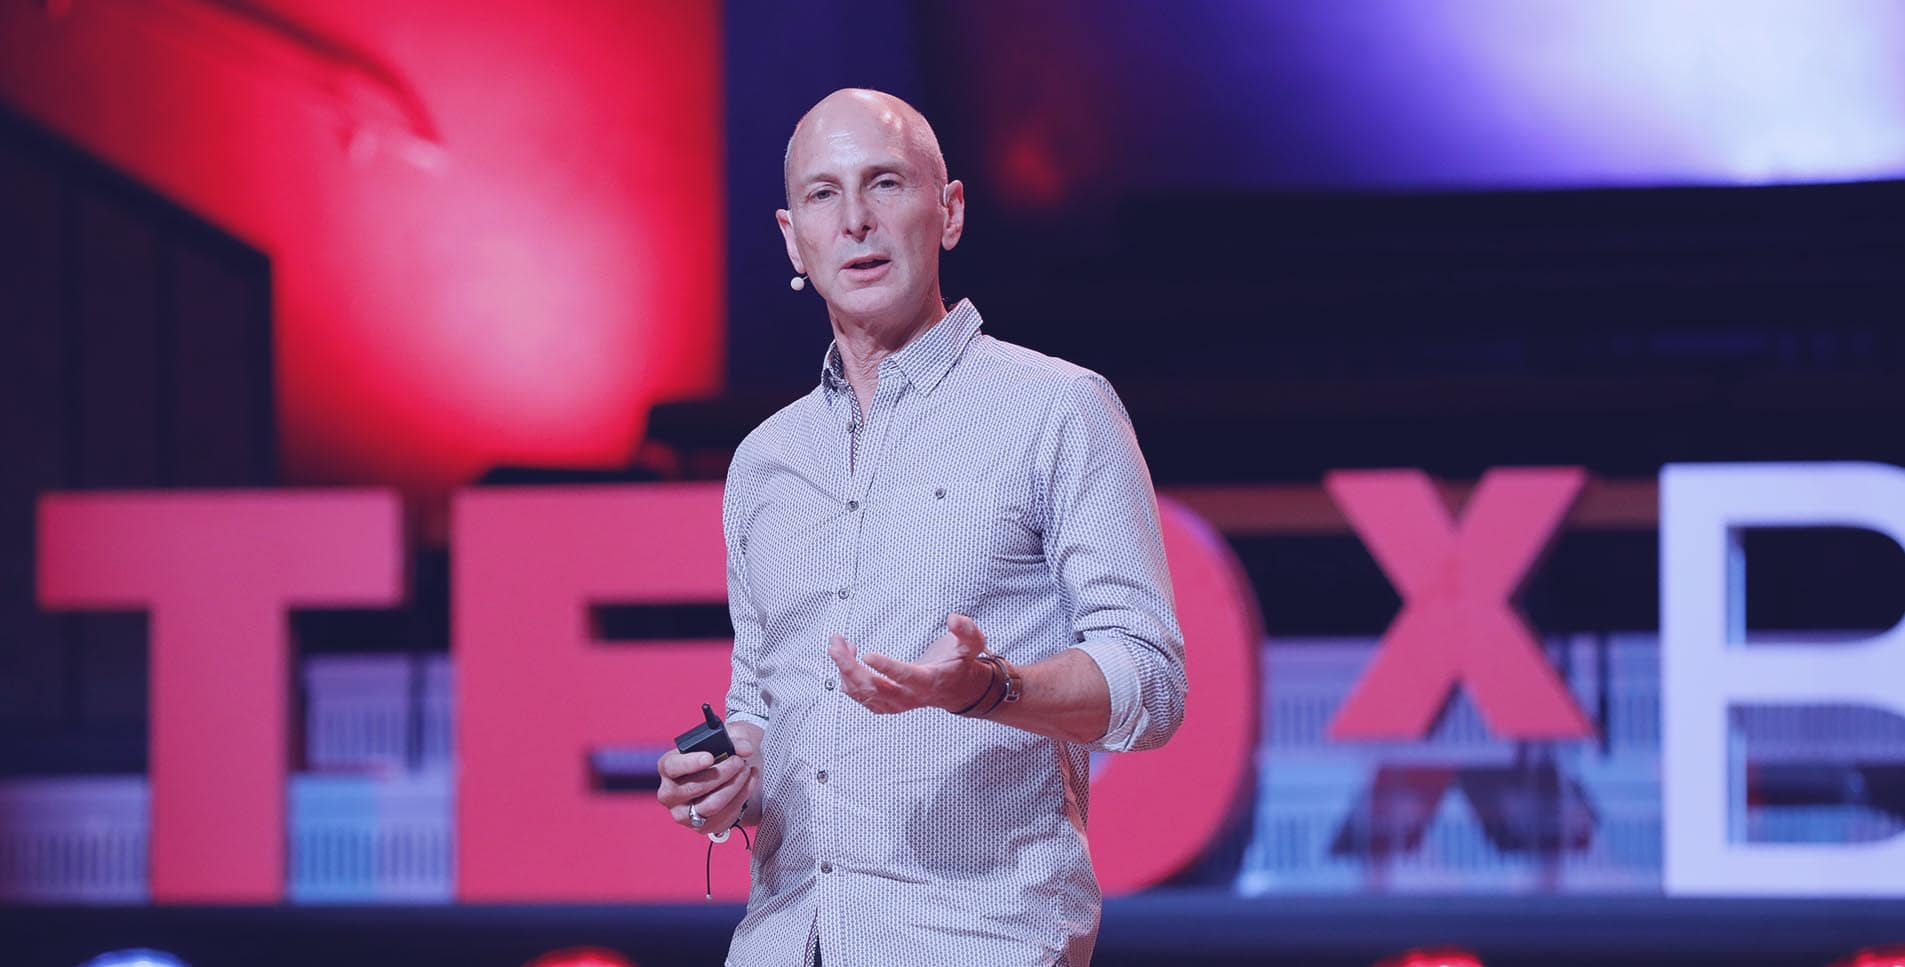 https://gravityspeakers.com/wp-content/uploads/Mark-Levy-Home-TEDxBerlin-2.jpg